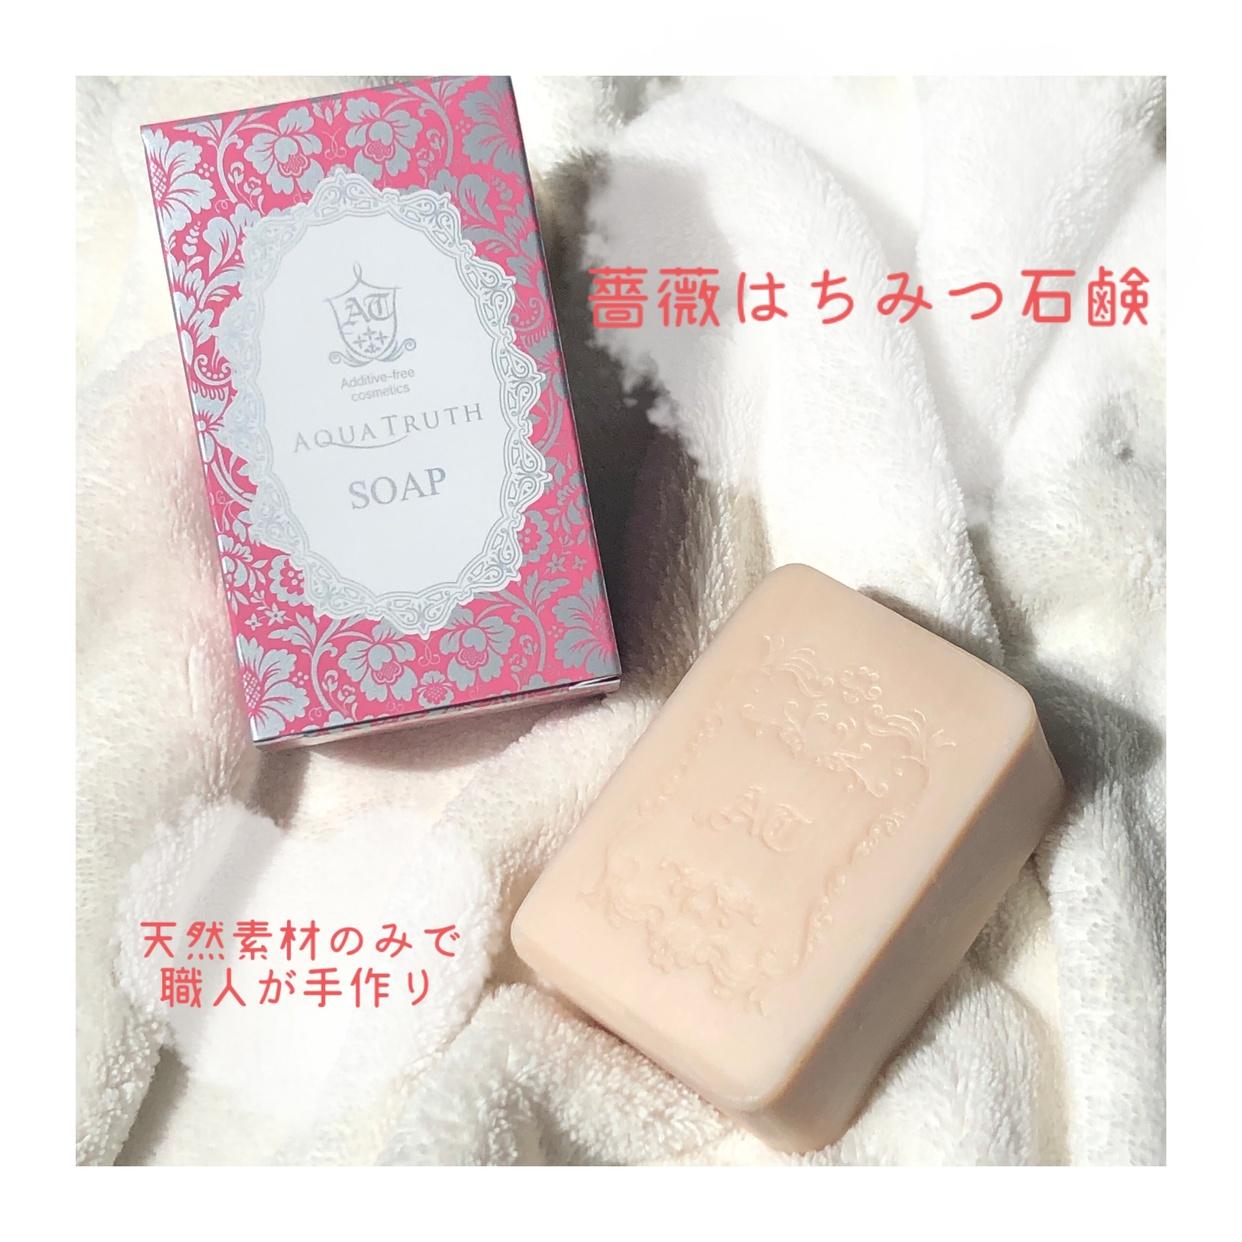 麗凍化粧品(Reitou Cosme) 薔薇はちみつ石鹸を使ったさちさんのクチコミ画像1